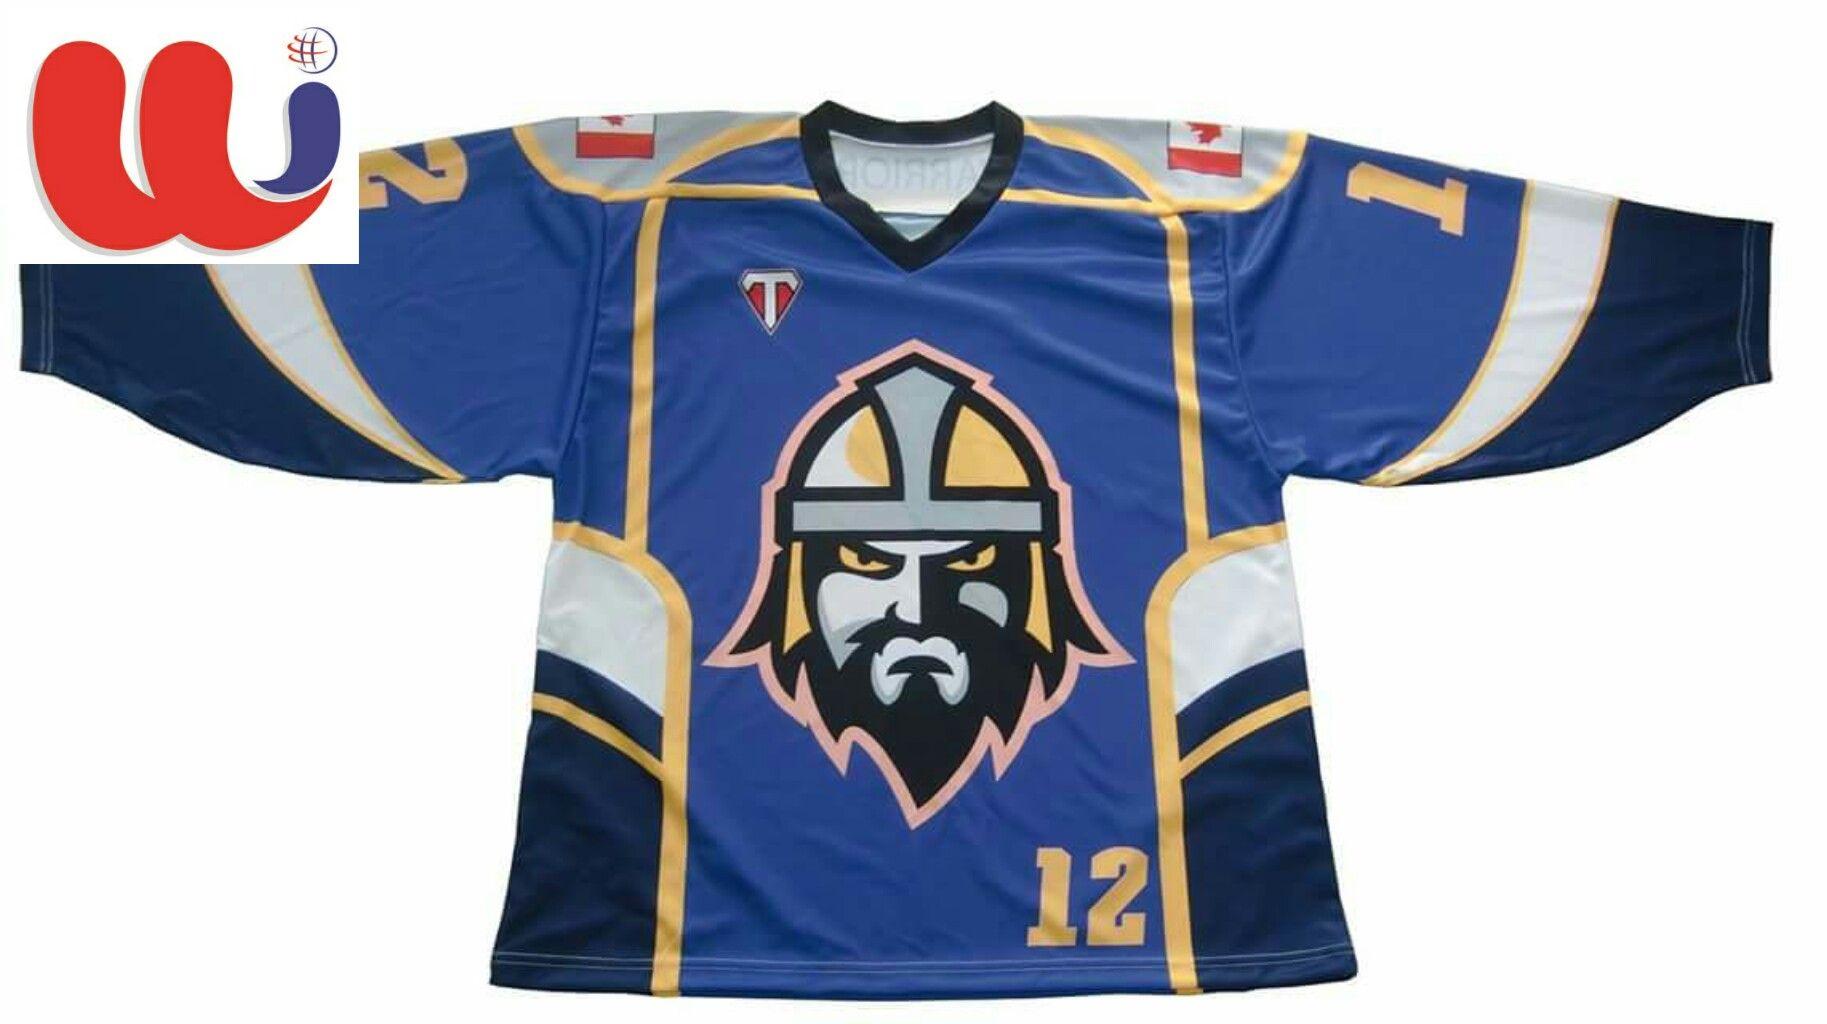 Custom hockey jerseys 230 gsm dri fit stuff